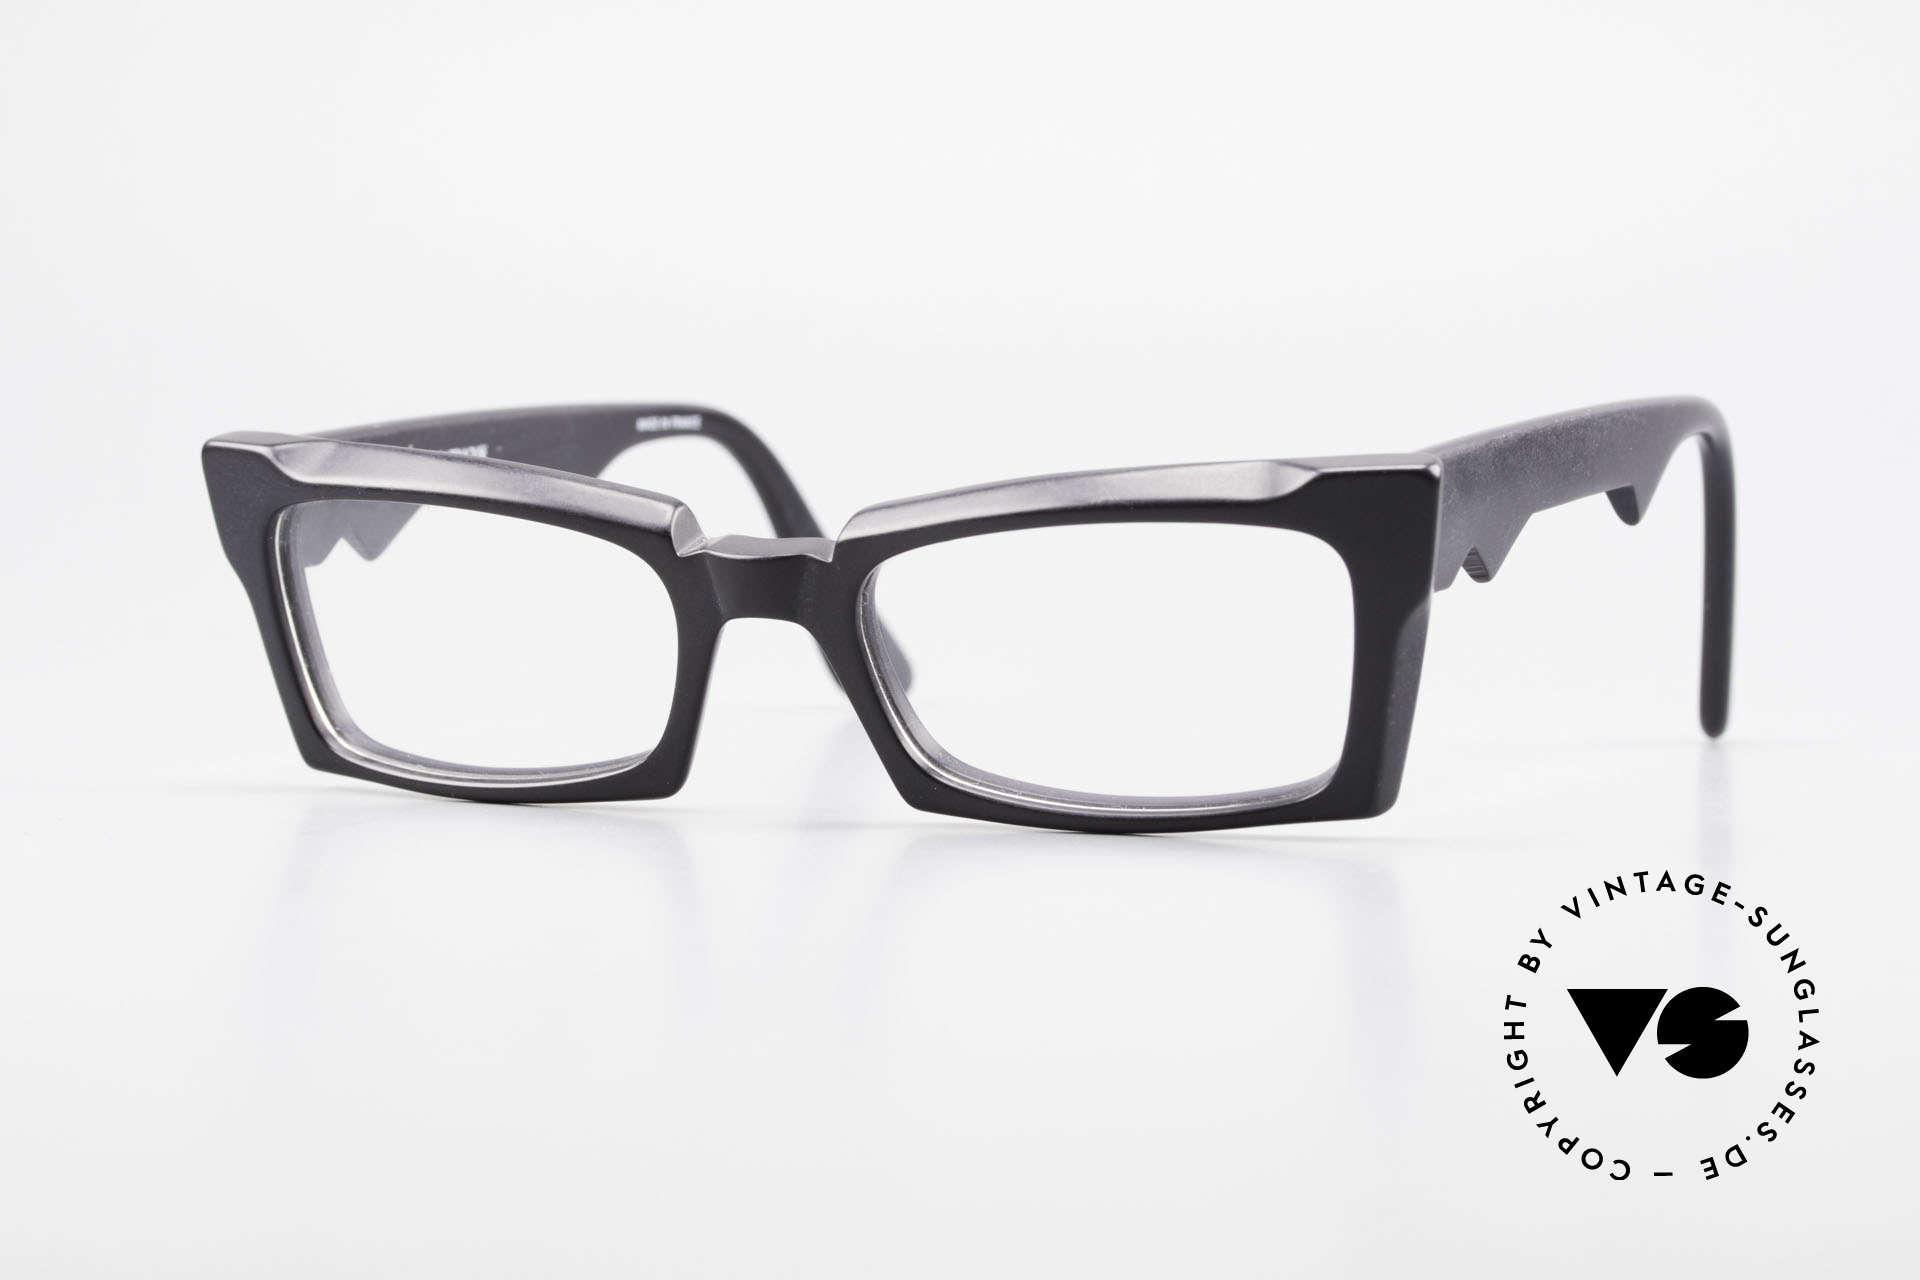 Anne Et Valentin Belphegor Alte 80er Brille Echt Vintage, alte vintage Brille von 'Anne Et Valentin' aus Toulouse, Passend für Damen